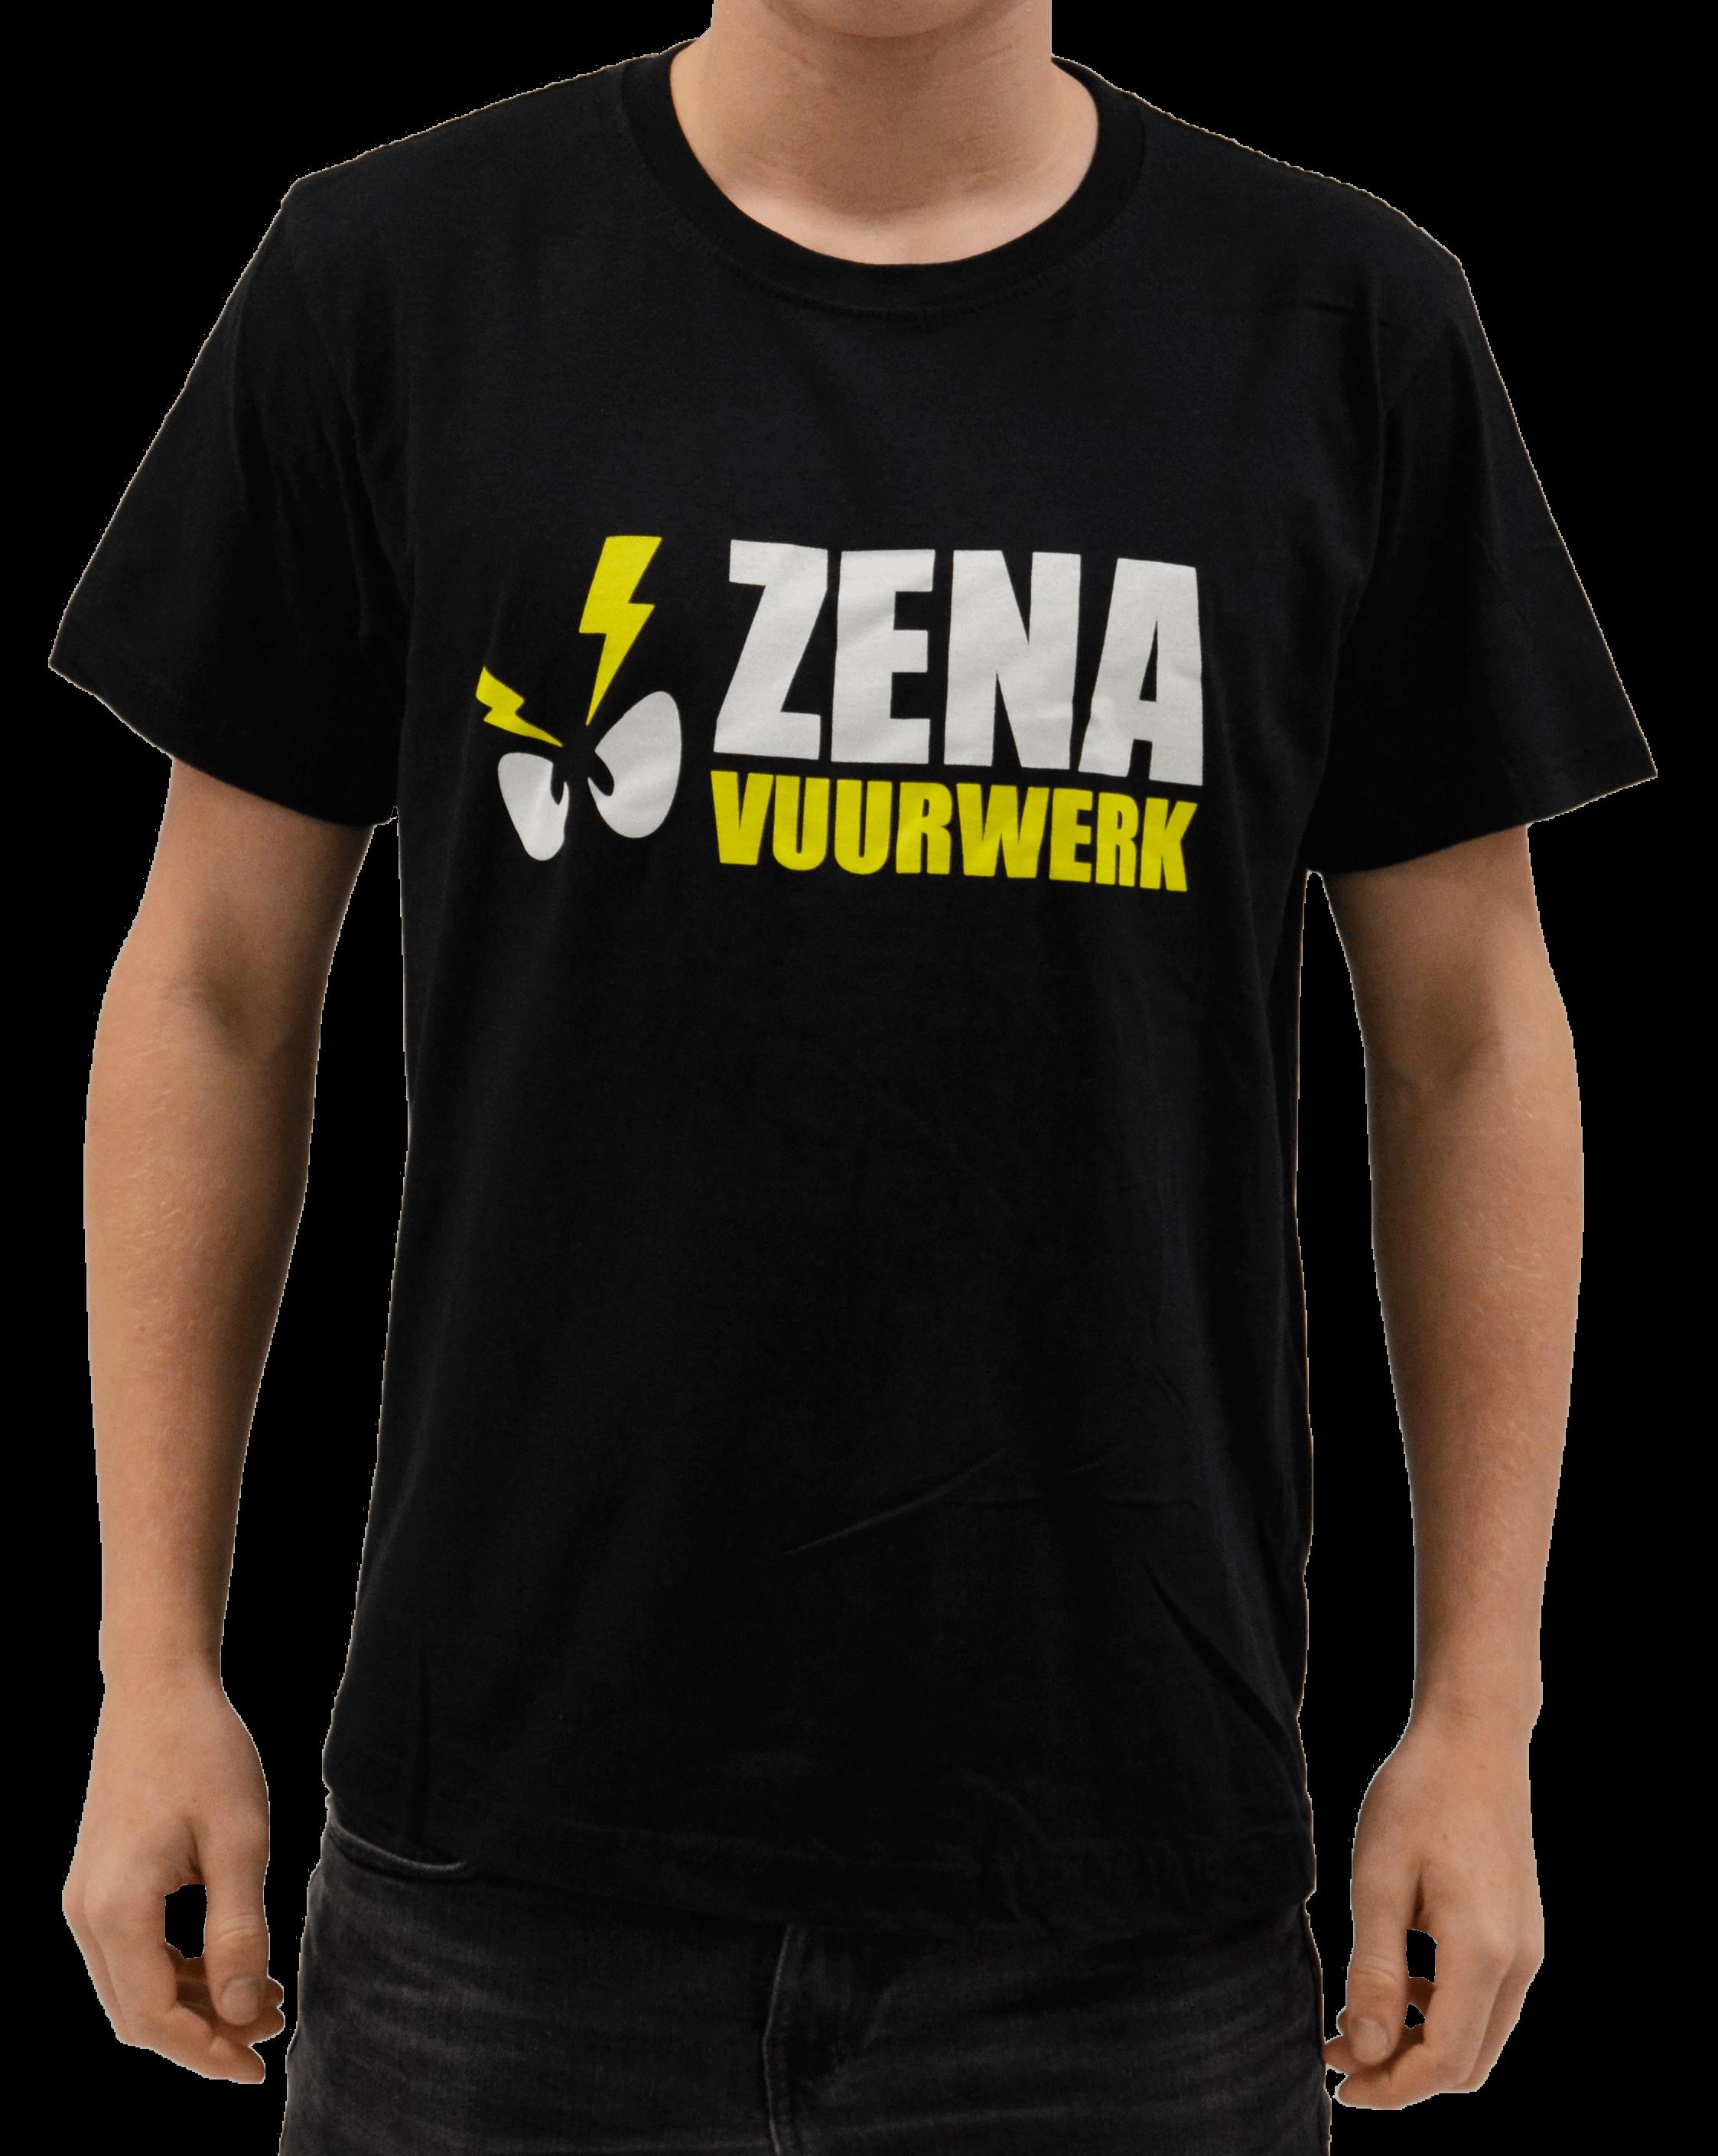 Zena T-Shirt Maat S